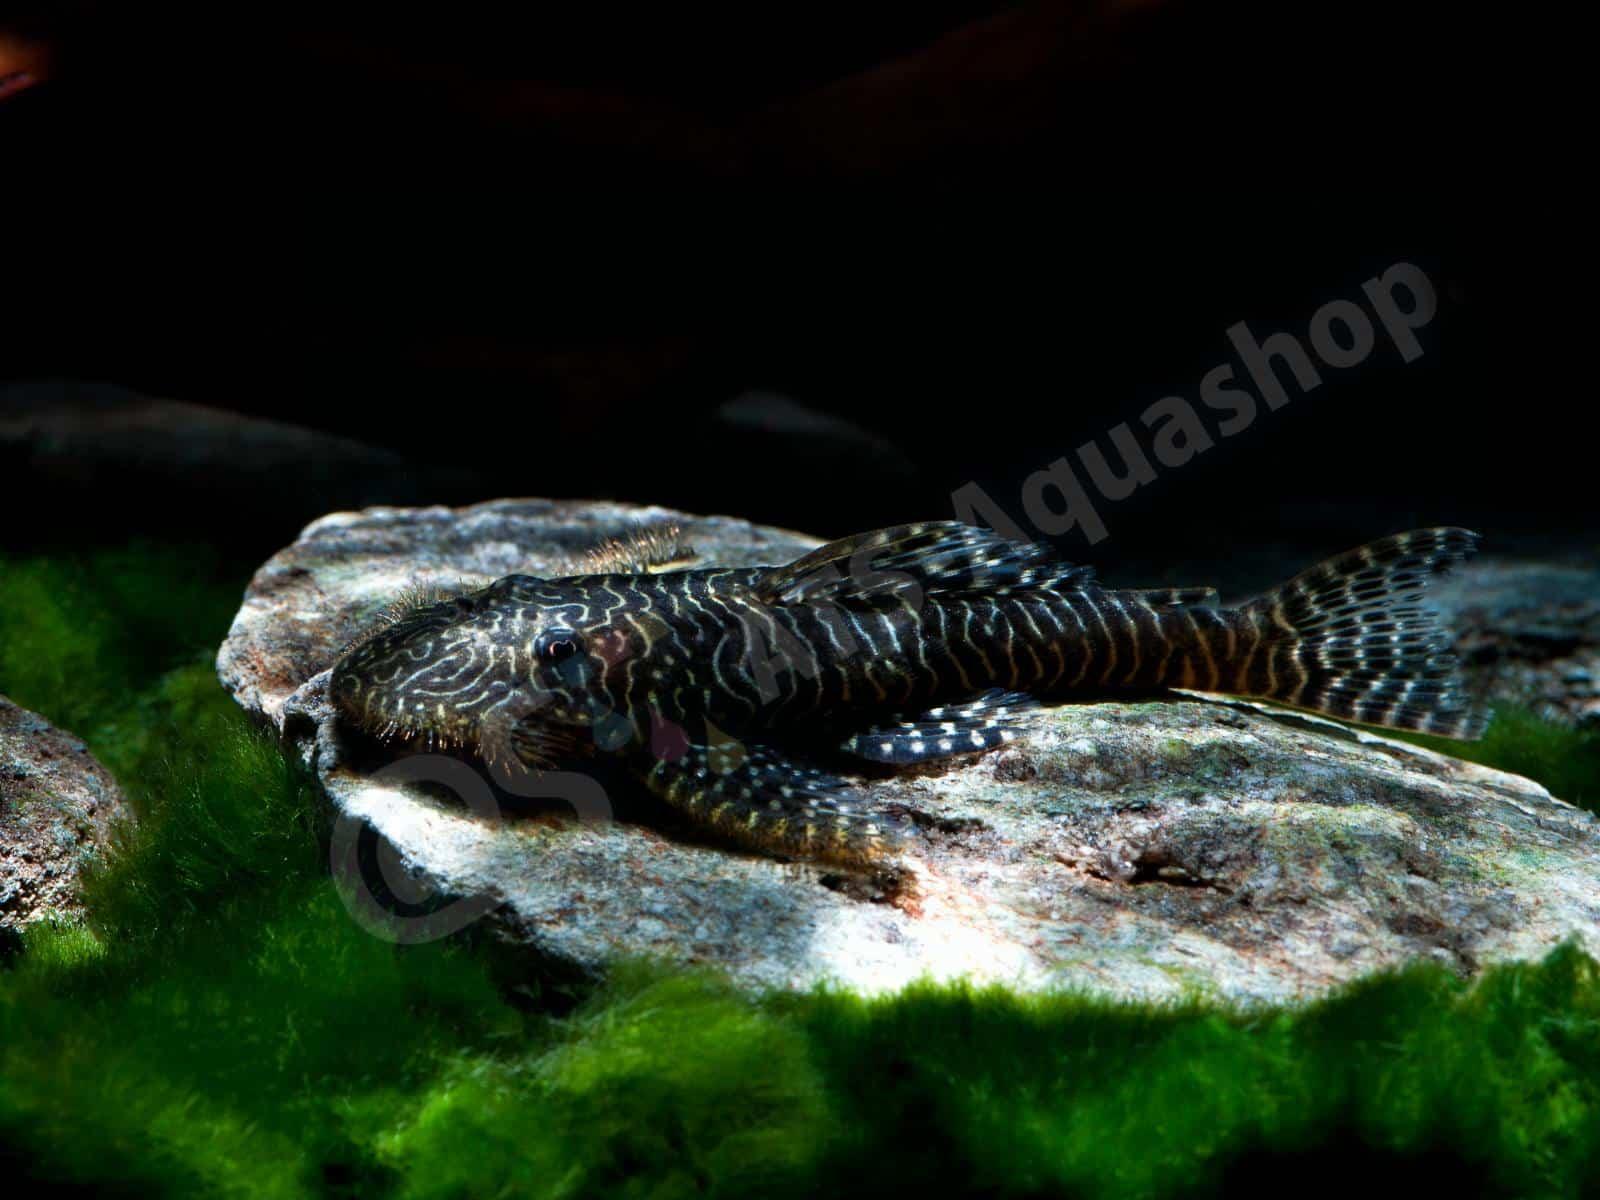 pseudolithoxus tigris l 257 enrico richter 0096 8